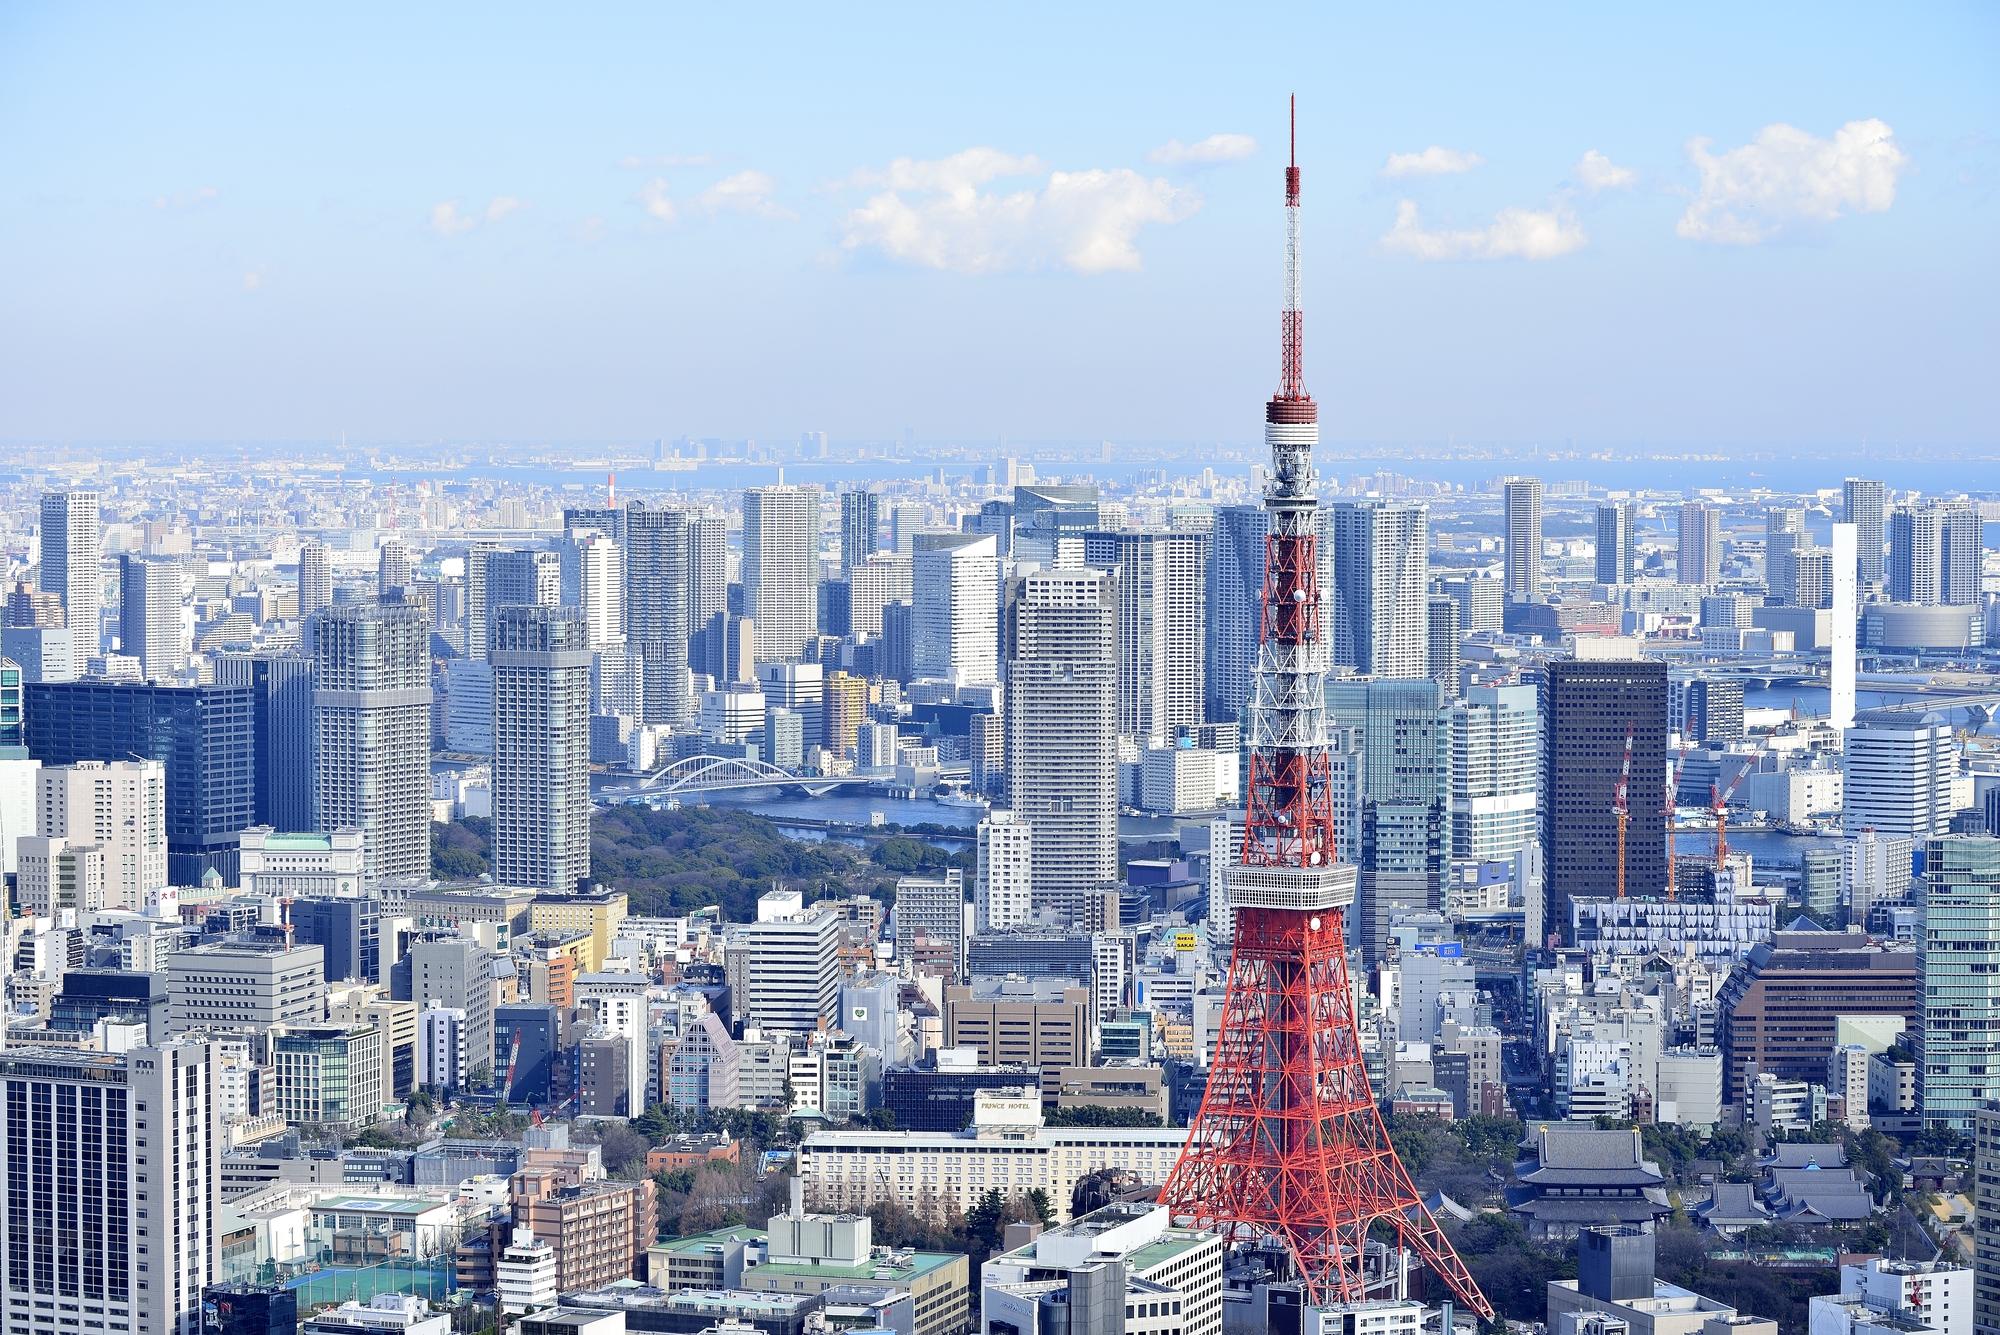 「日本再興戦略2016」とは? シェアリングエコノミー推進など第4次産業革命に向けた施策が閣議決定